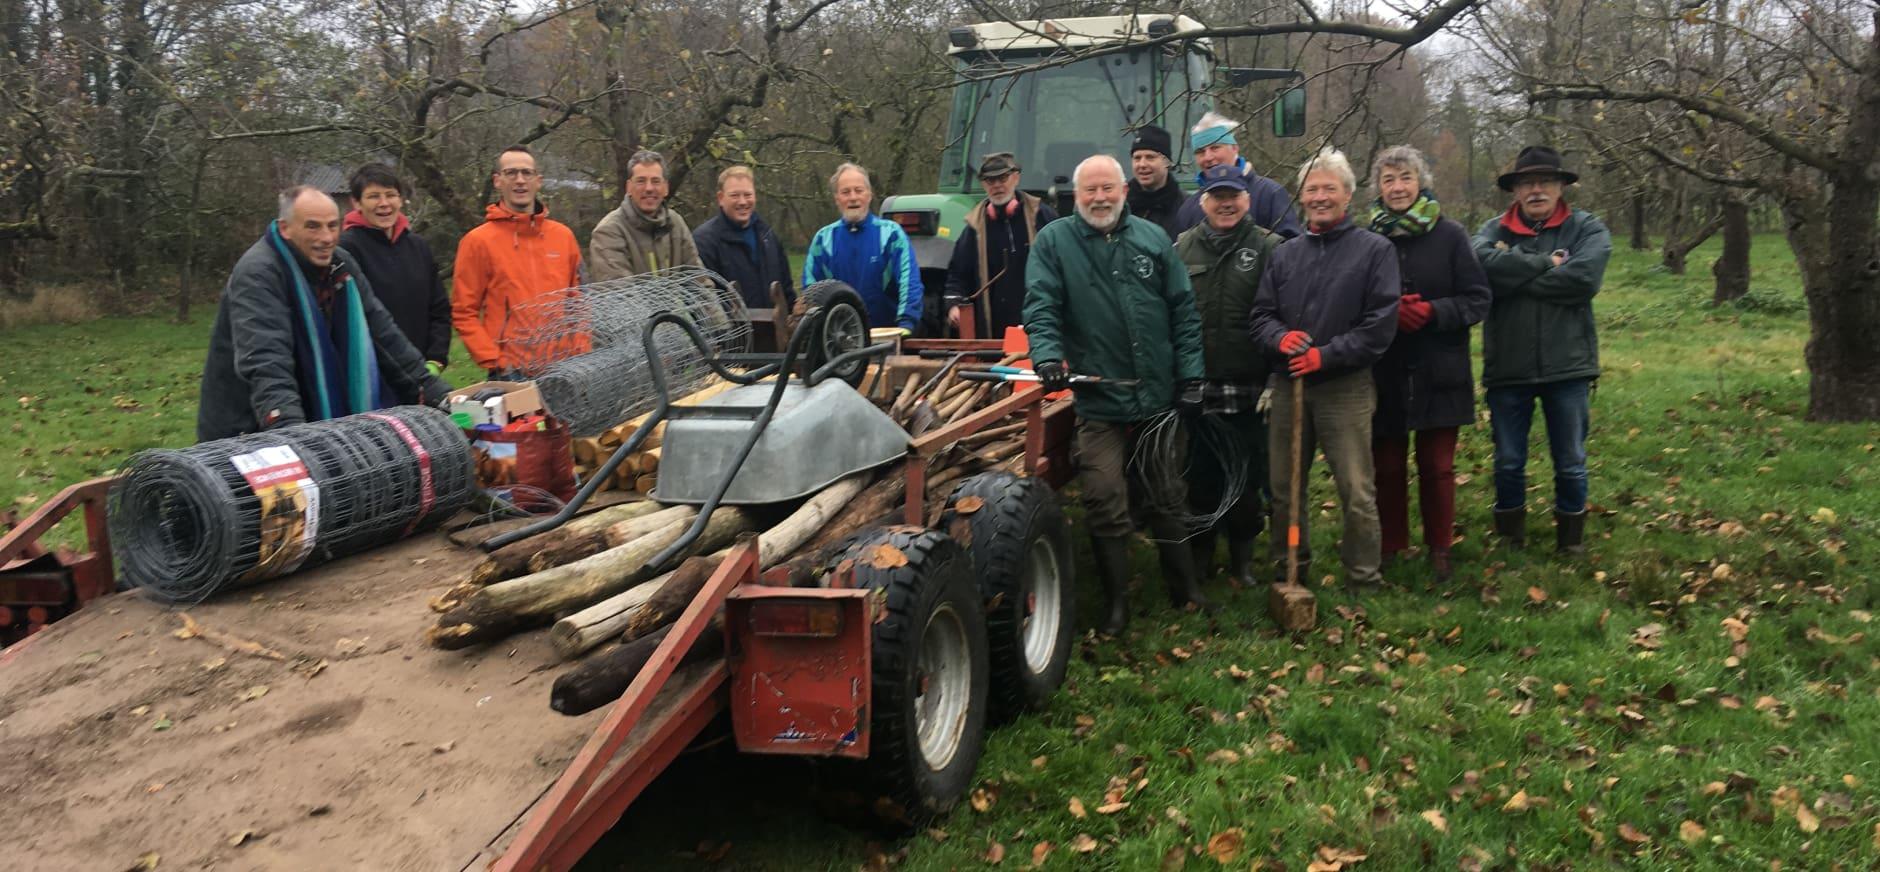 Vrijwilligers plantten de jonge appelbomen in de boomgaard van Coelhorst